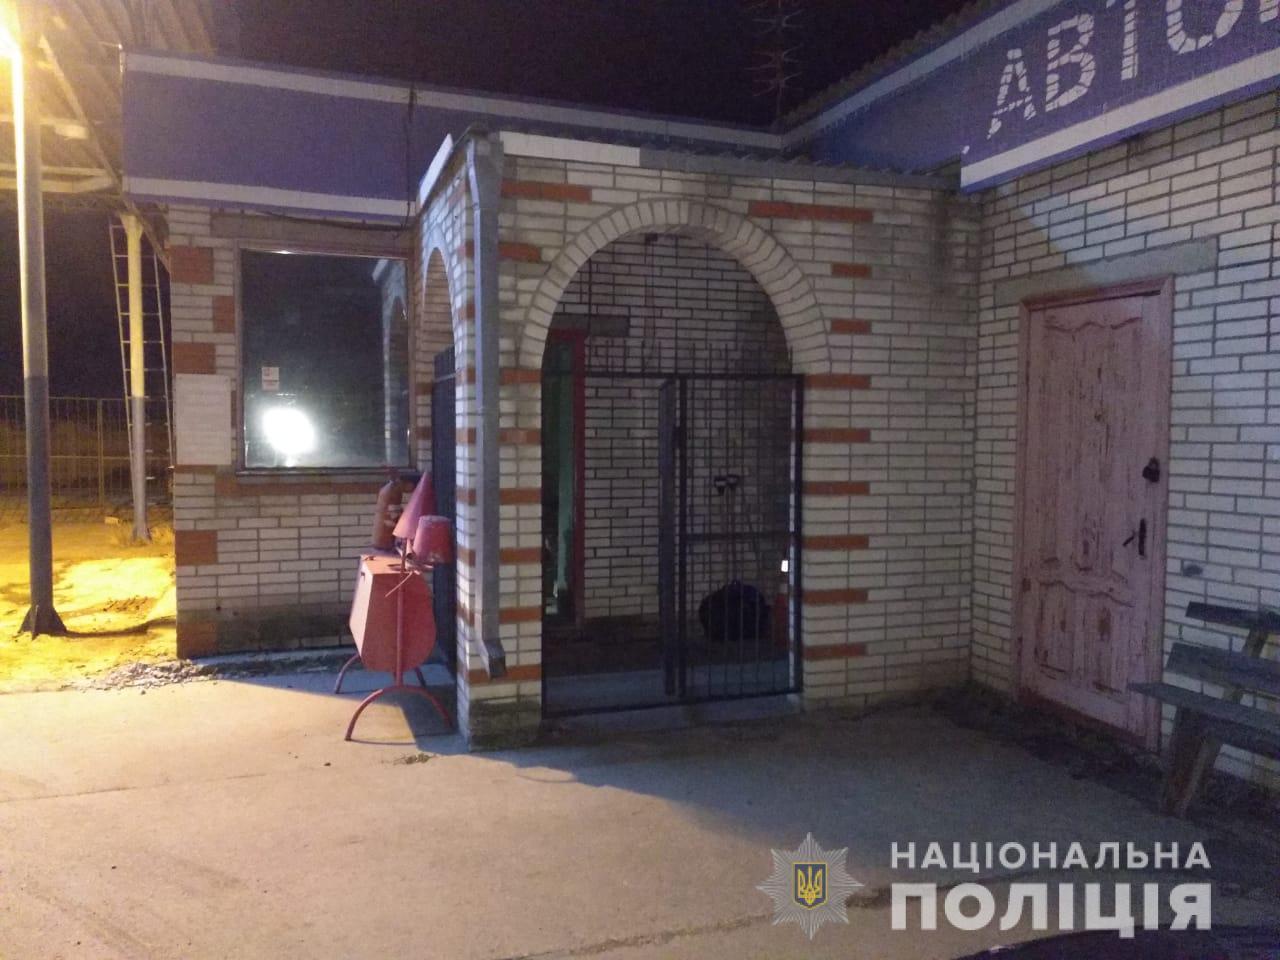 Под Киевом таксист нагло обокрал автозаправку